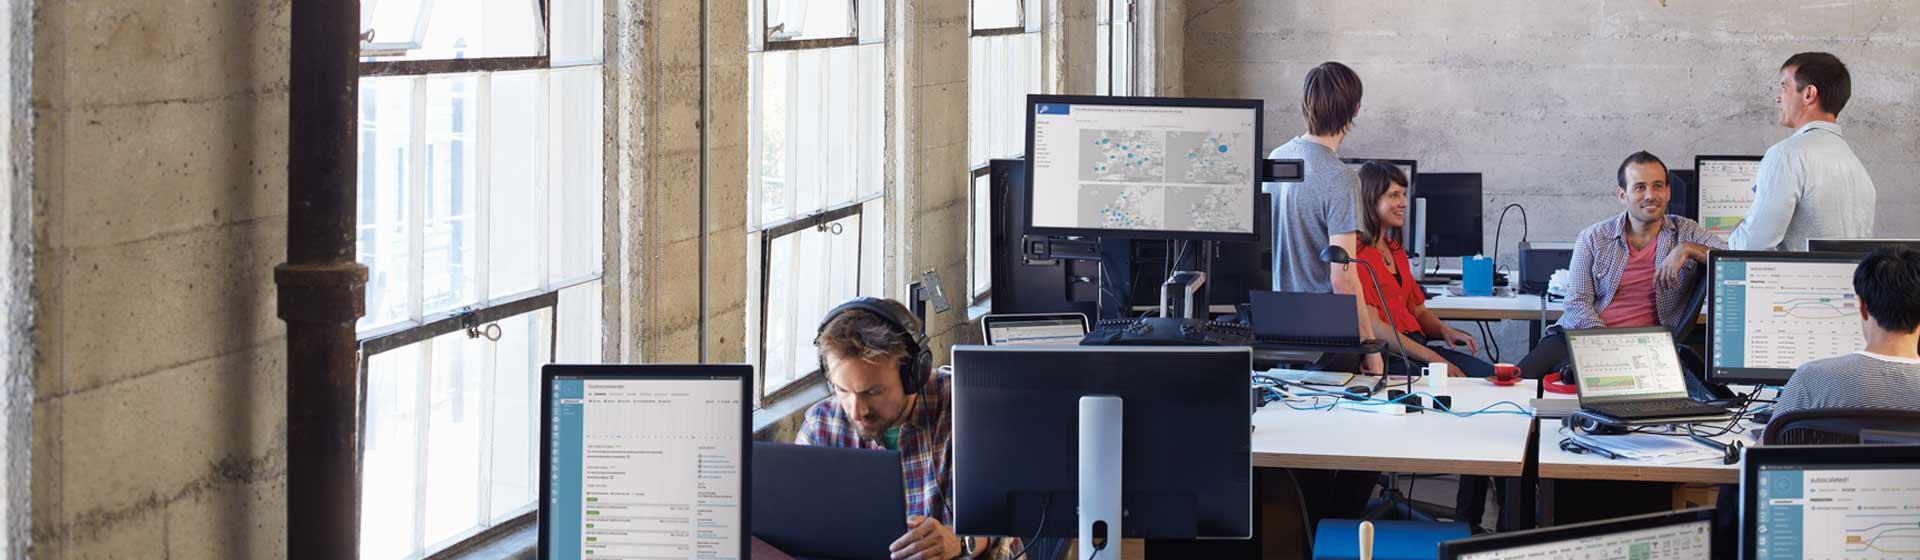 在滿是執行 Office 365 之電腦的辦公室內,坐在桌前和站在桌子附近的一群同事